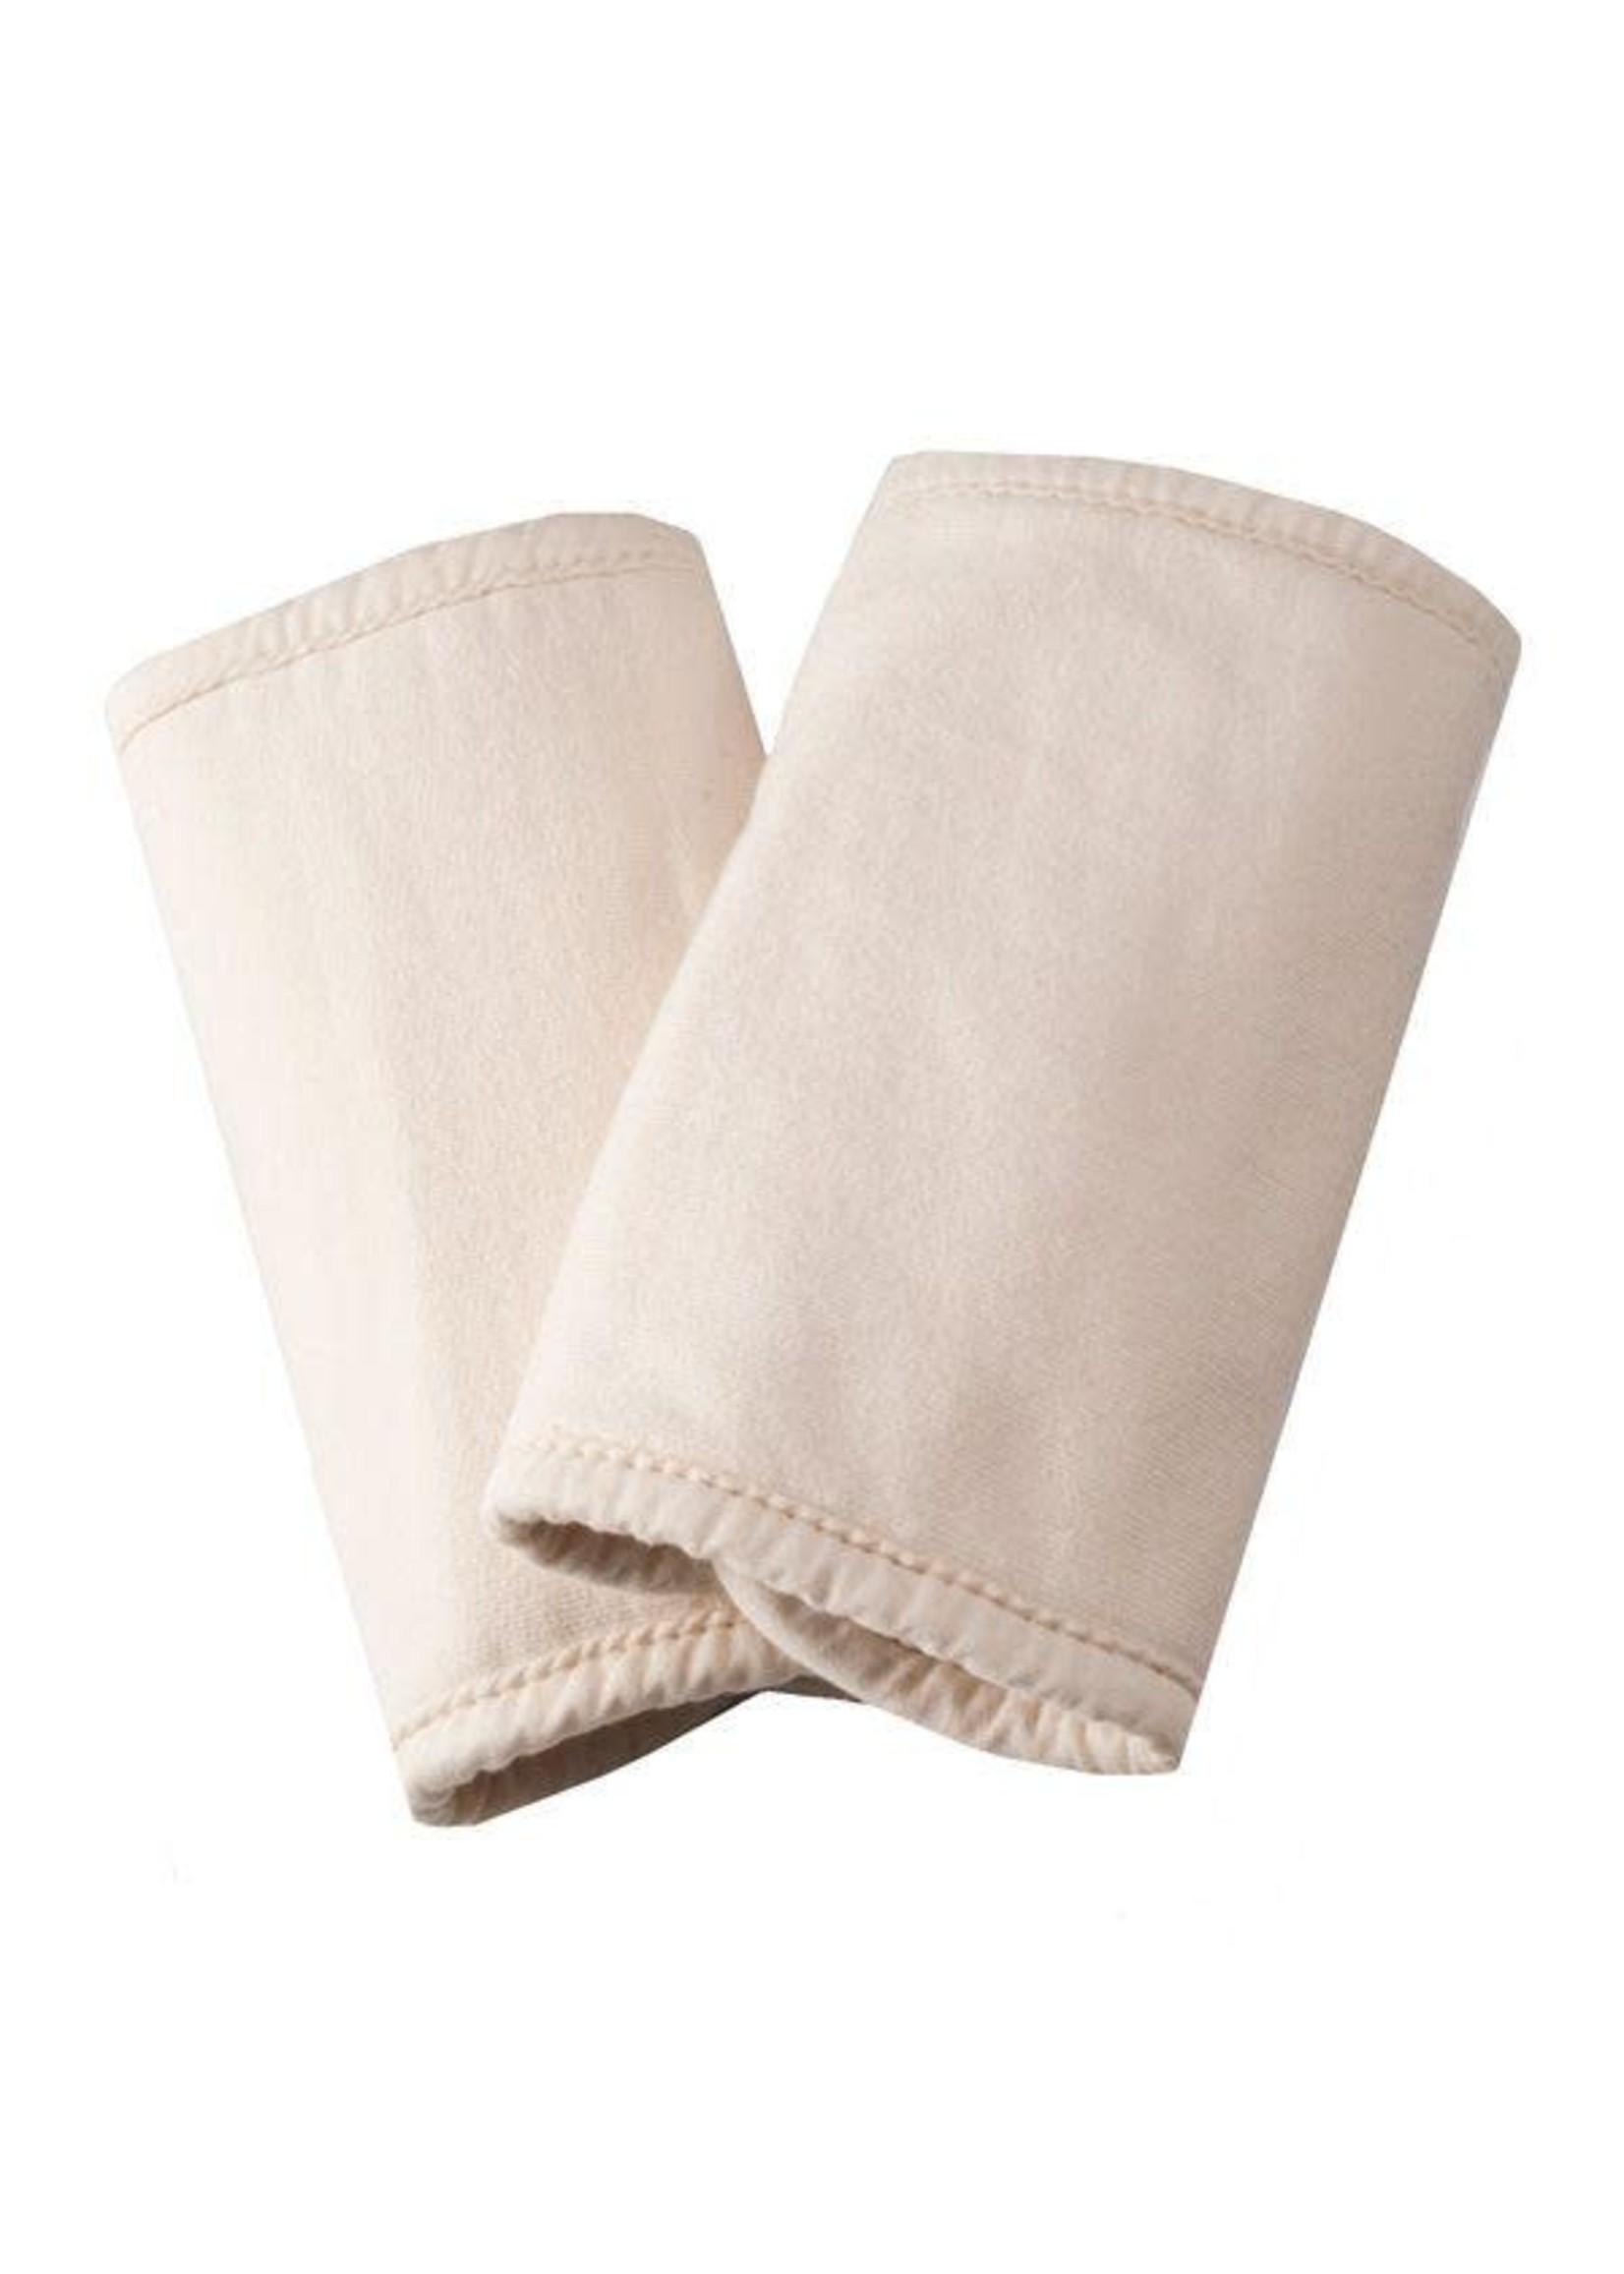 ergobaby Ergobaby Organic Cotton Teething Pads